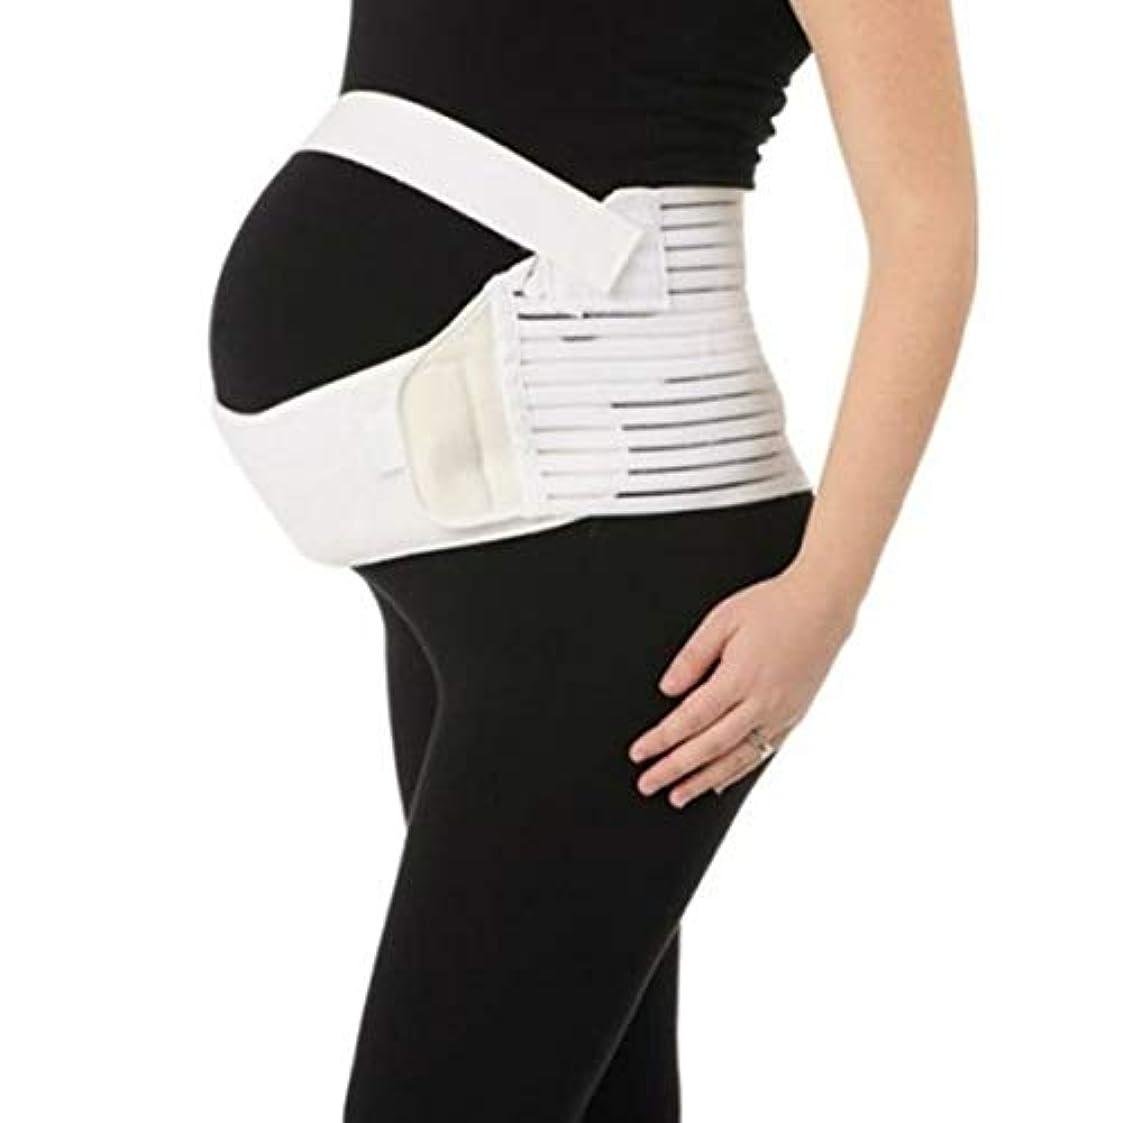 可塑性狭いバタフライ通気性マタニティベルト妊娠腹部サポート腹部バインダーガードル運動包帯産後回復形状ウェア - ホワイトXL